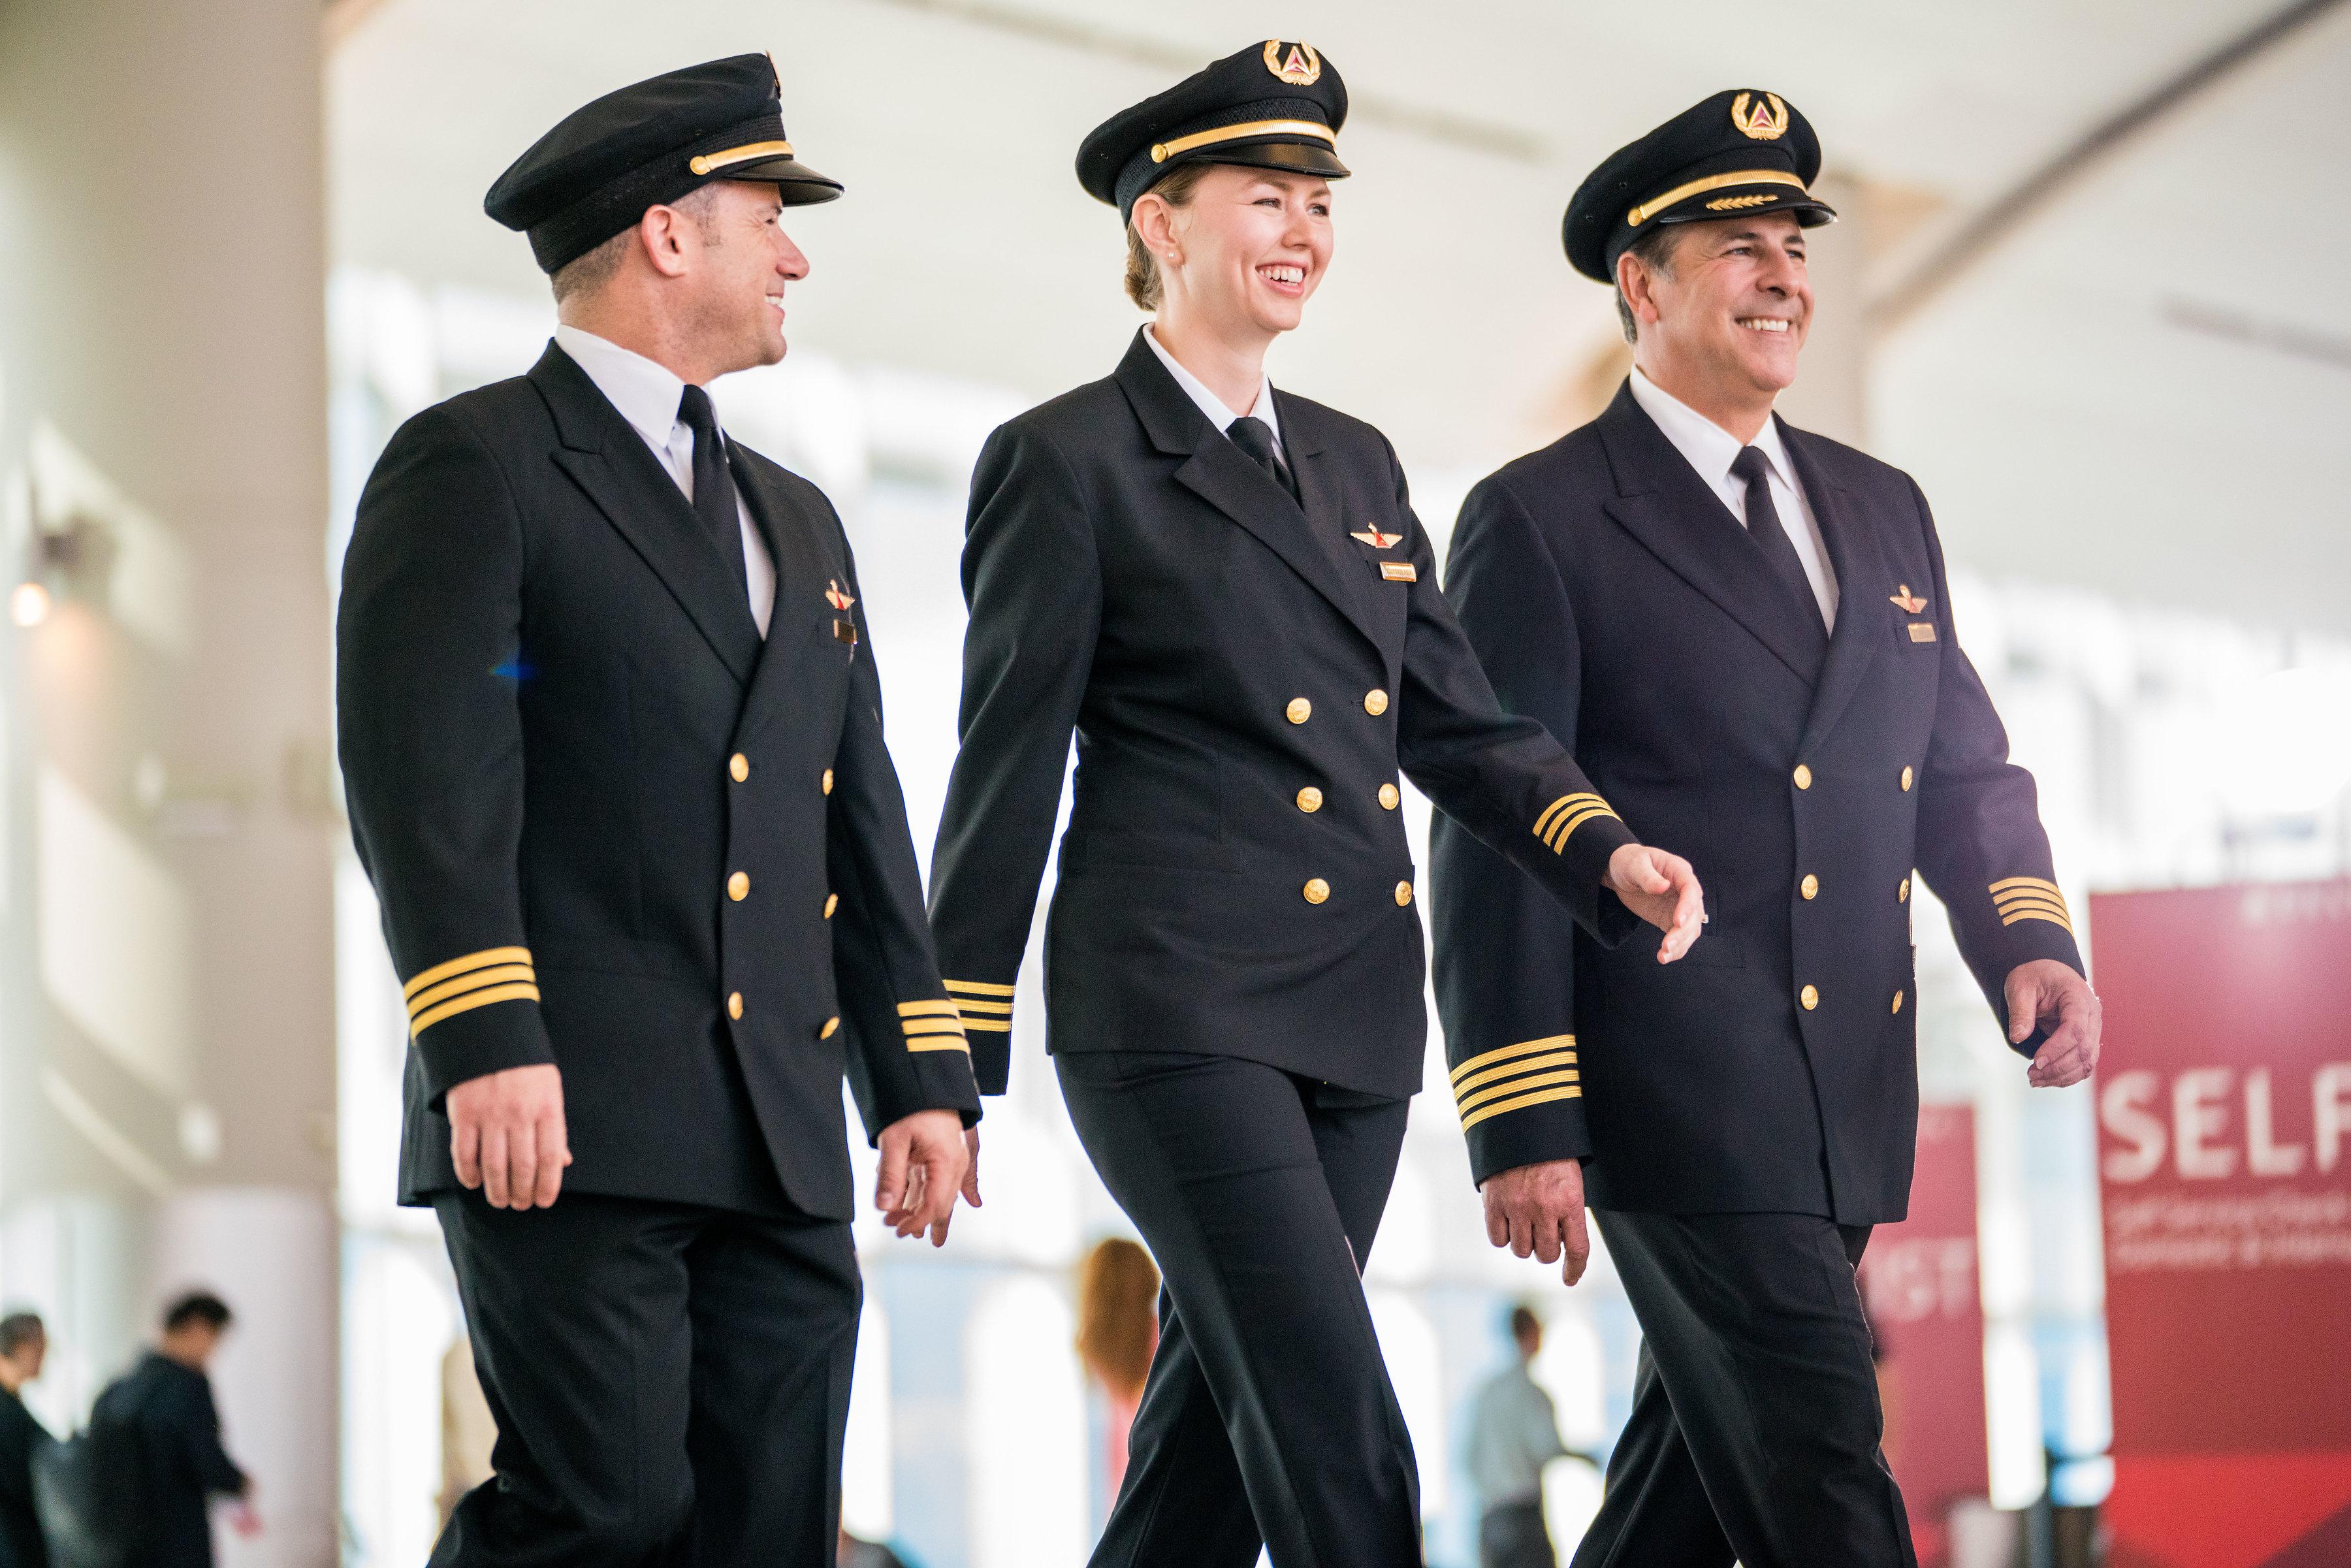 Delta propels next generation of pilots through innovative career